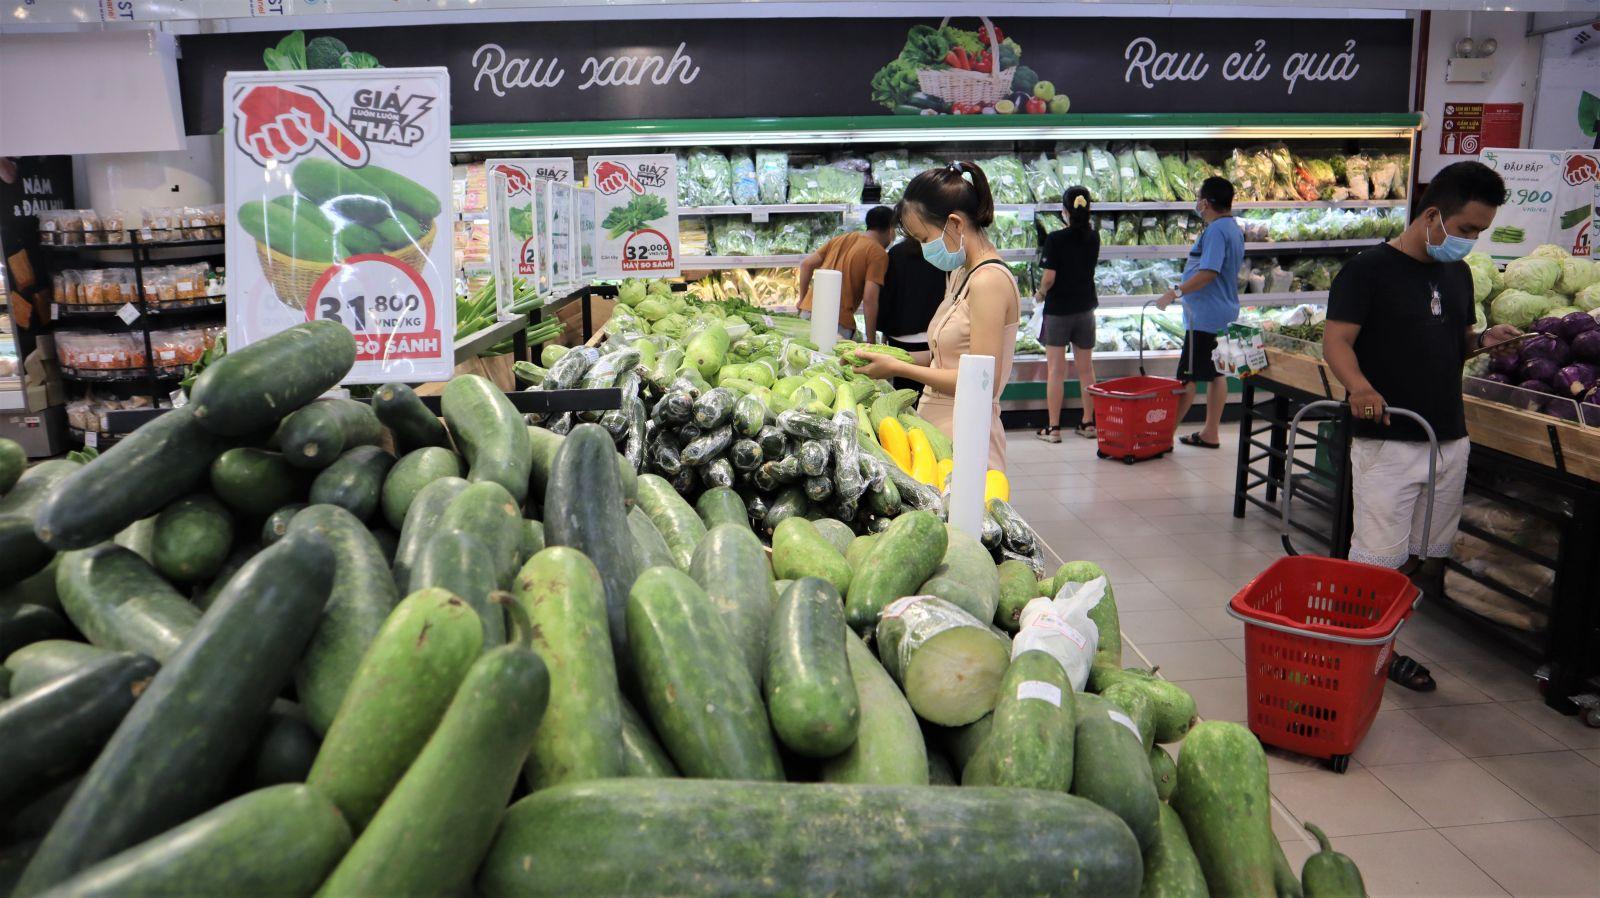 Hàng hóa tại các siêu thị đa dạng và đầy đủ. Đặc biệt, mặt hàng rau củ quả luôn dồi dào